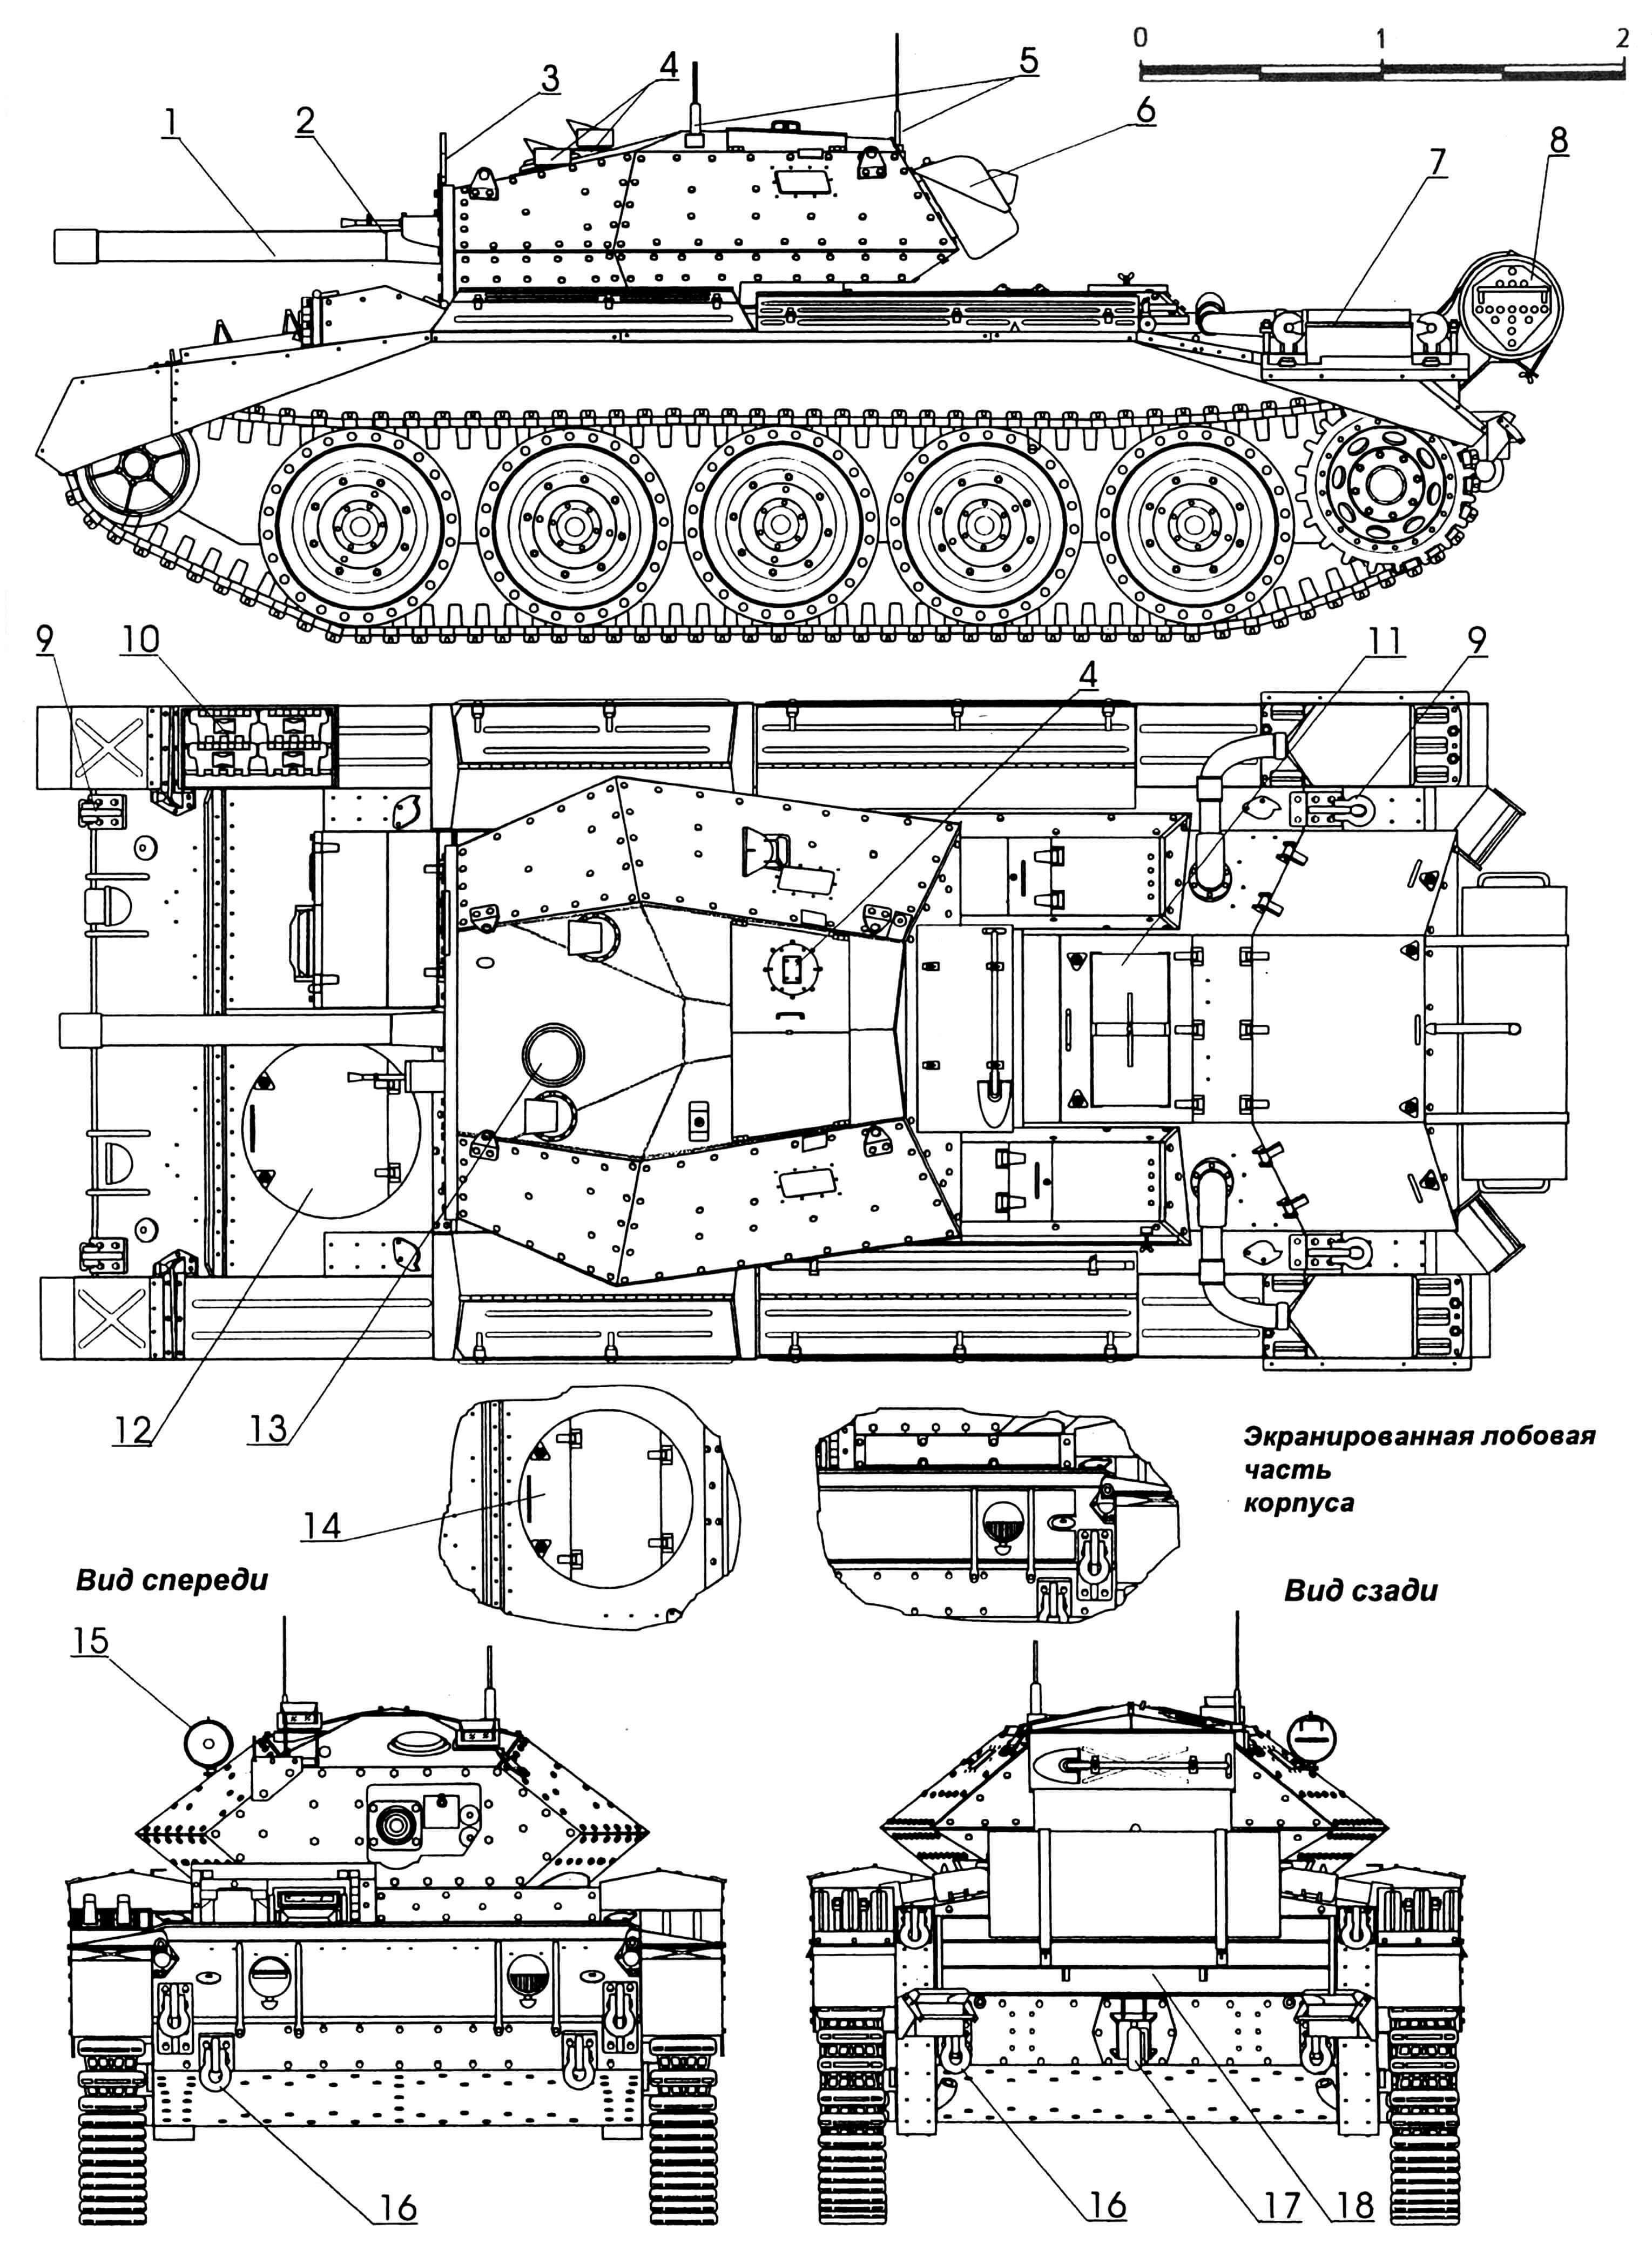 Крейсерский танк «Крусейдер III»: 1 — пушка 6-фунтовая; 2 — пулемет Besa спаренный; 3 — визир командирский; 4 — приборы наблюдения; 5 — антенны; 6 — ящик инструментальный; 7 — фильтр воздушный; 8 — бак топливный, дополнительный; 9 — серьги подъемные; 10 — трак запасной; 11—ящик ЗИП съемный; 12 — люк передний; 13 — колпак вентилятора; 14 — вариант переднего люка; 15 — прожектор; 16 — серьга буксировочная; 17 — приспособление буксирное; 18 — отверстие выхлопное.